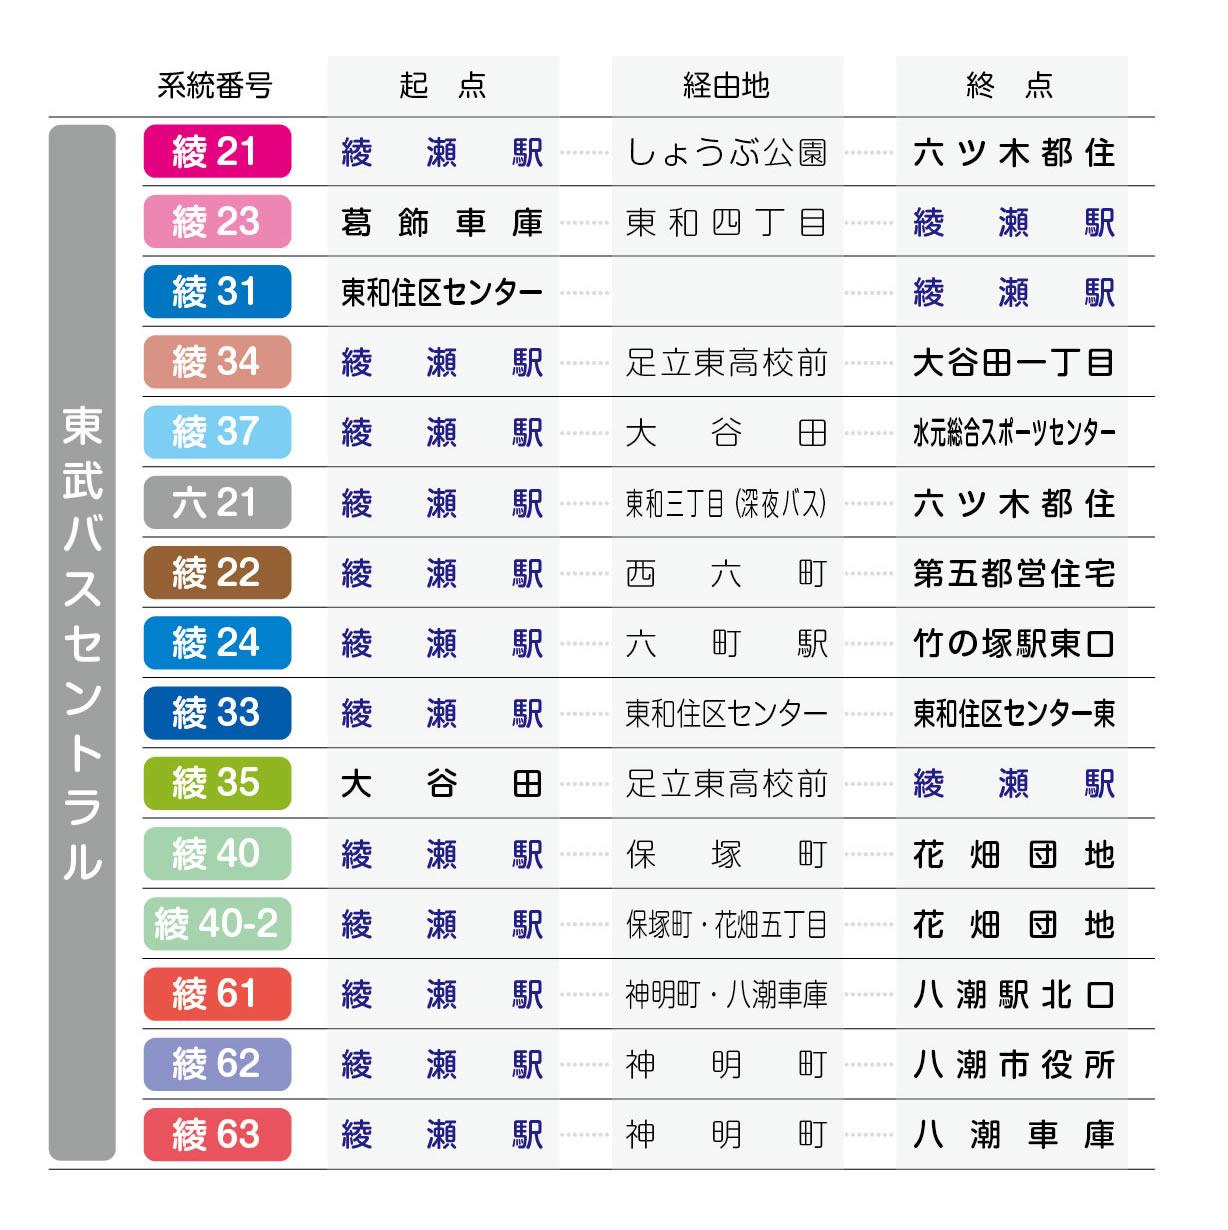 東武バスセントラル系統番号